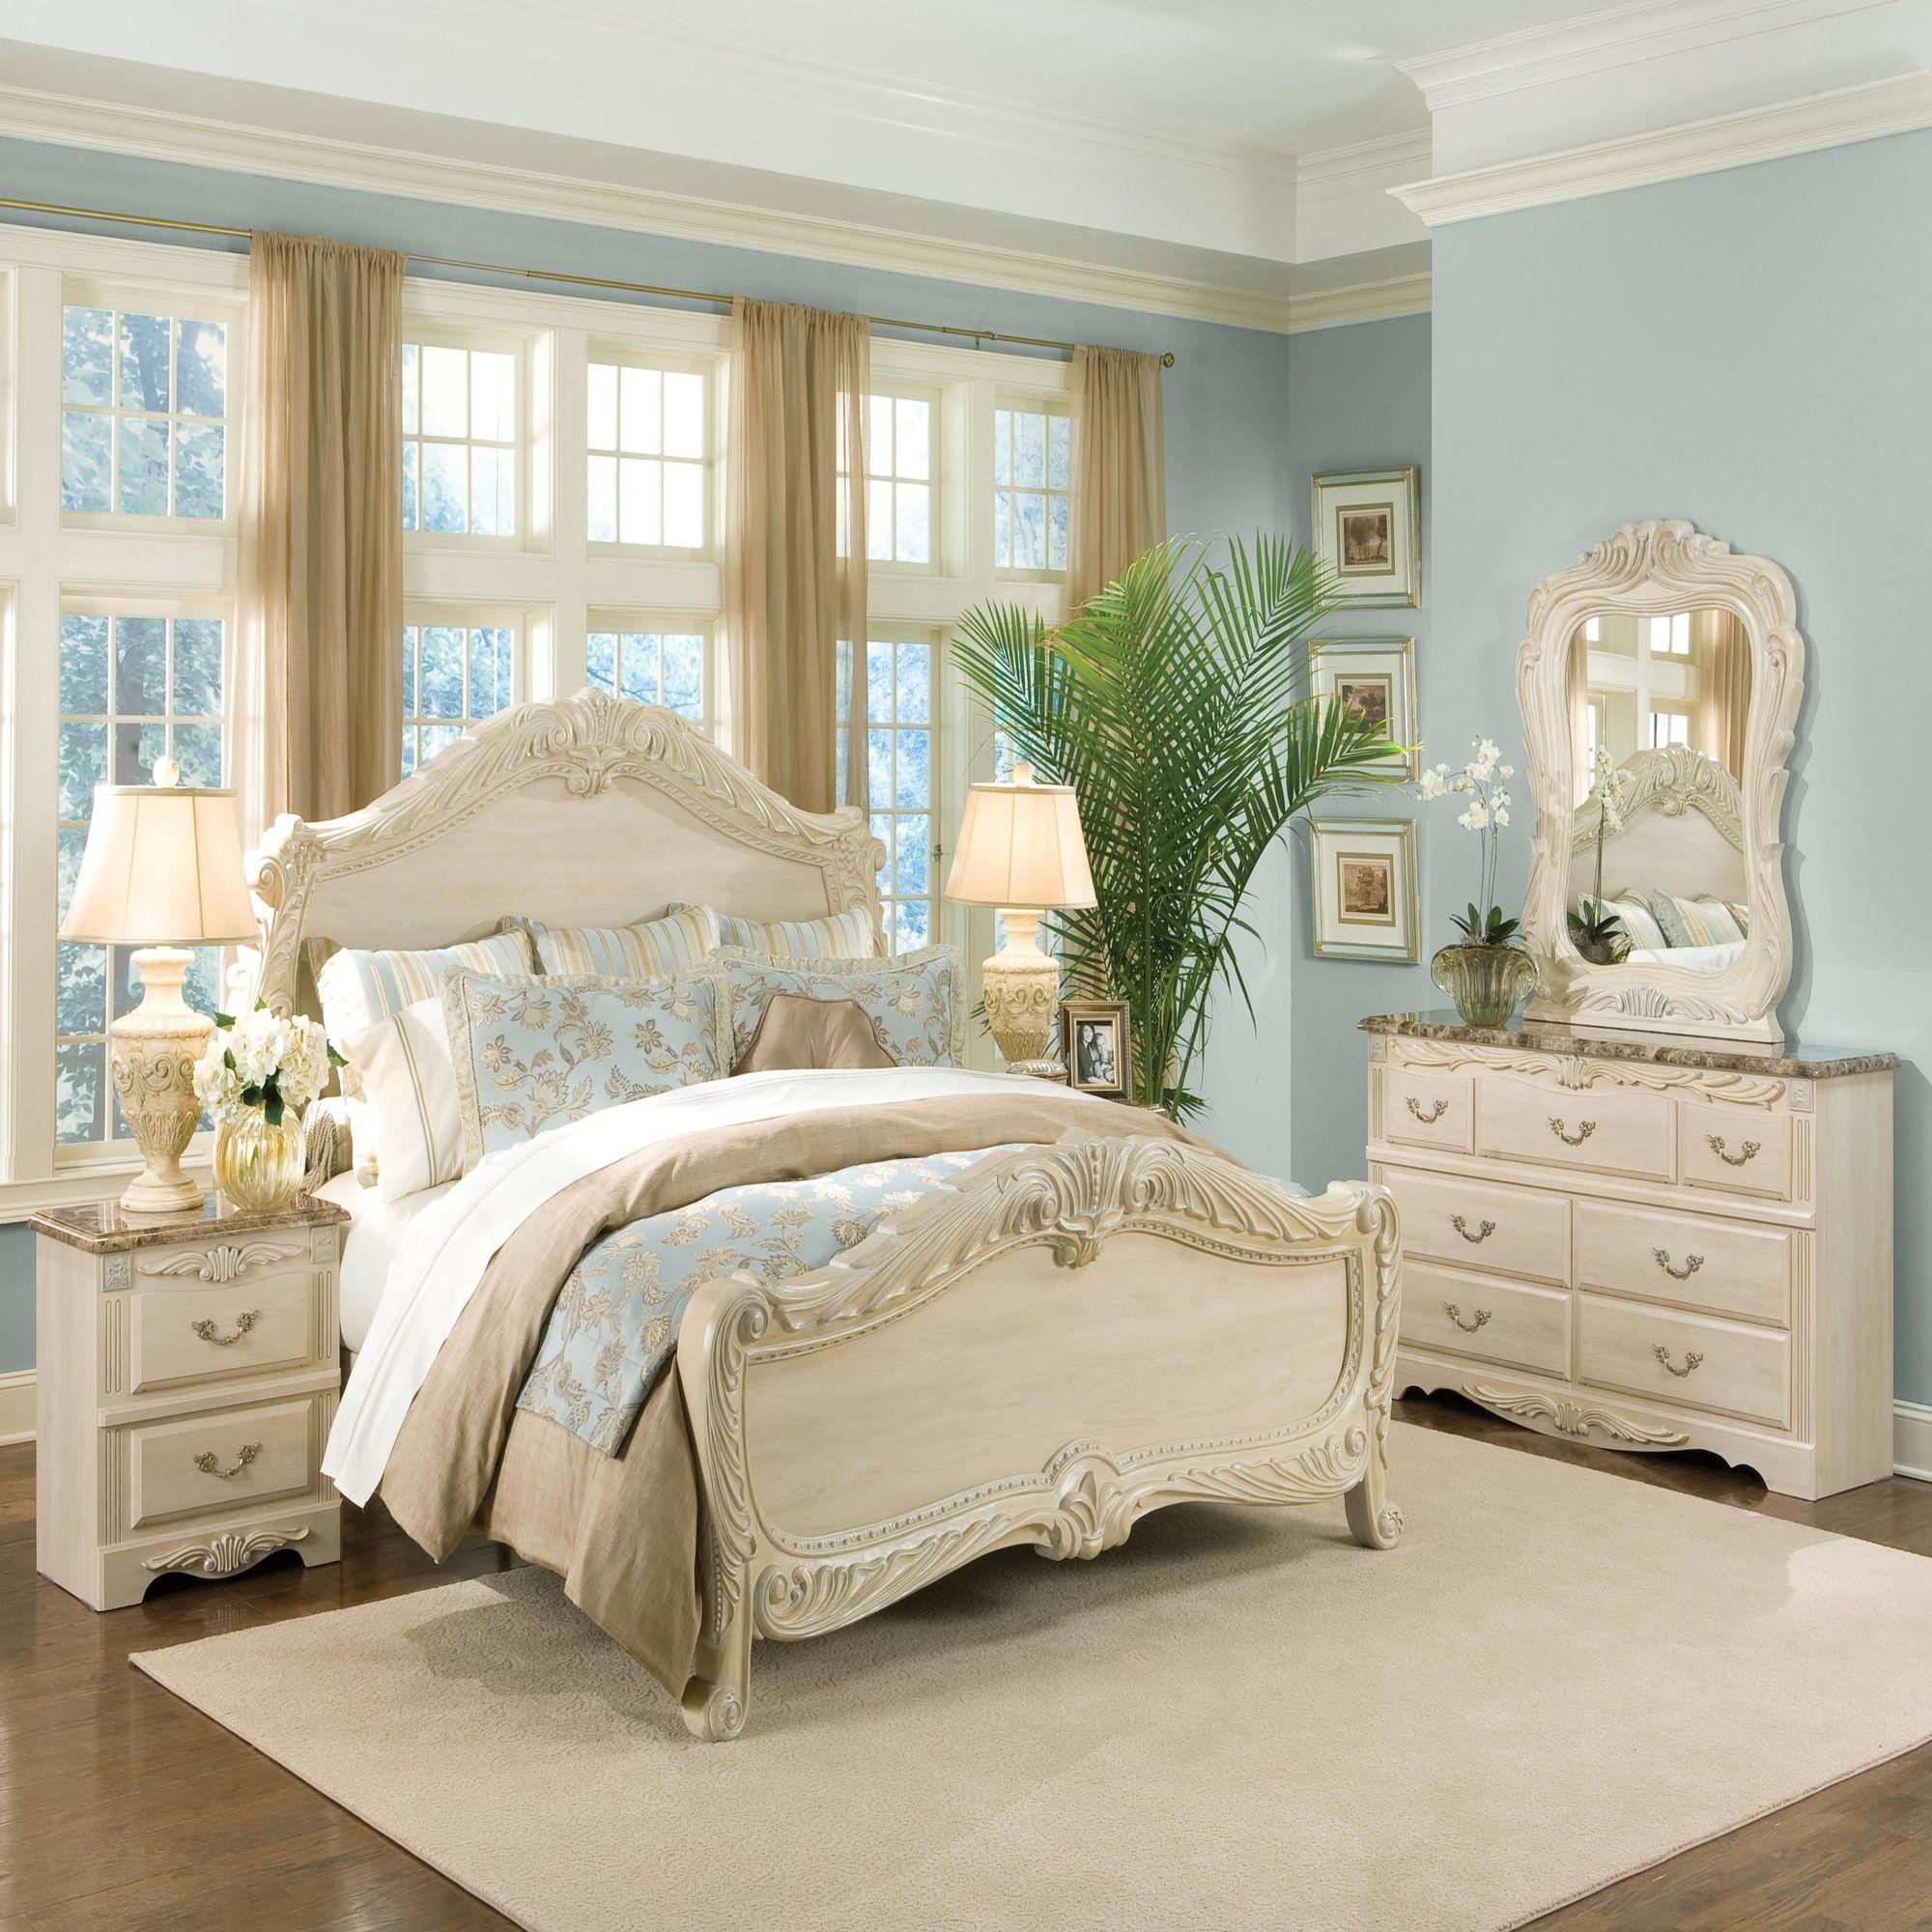 Bedroom Sets  Wayfair  Cream bedroom furniture, Bedroom interior